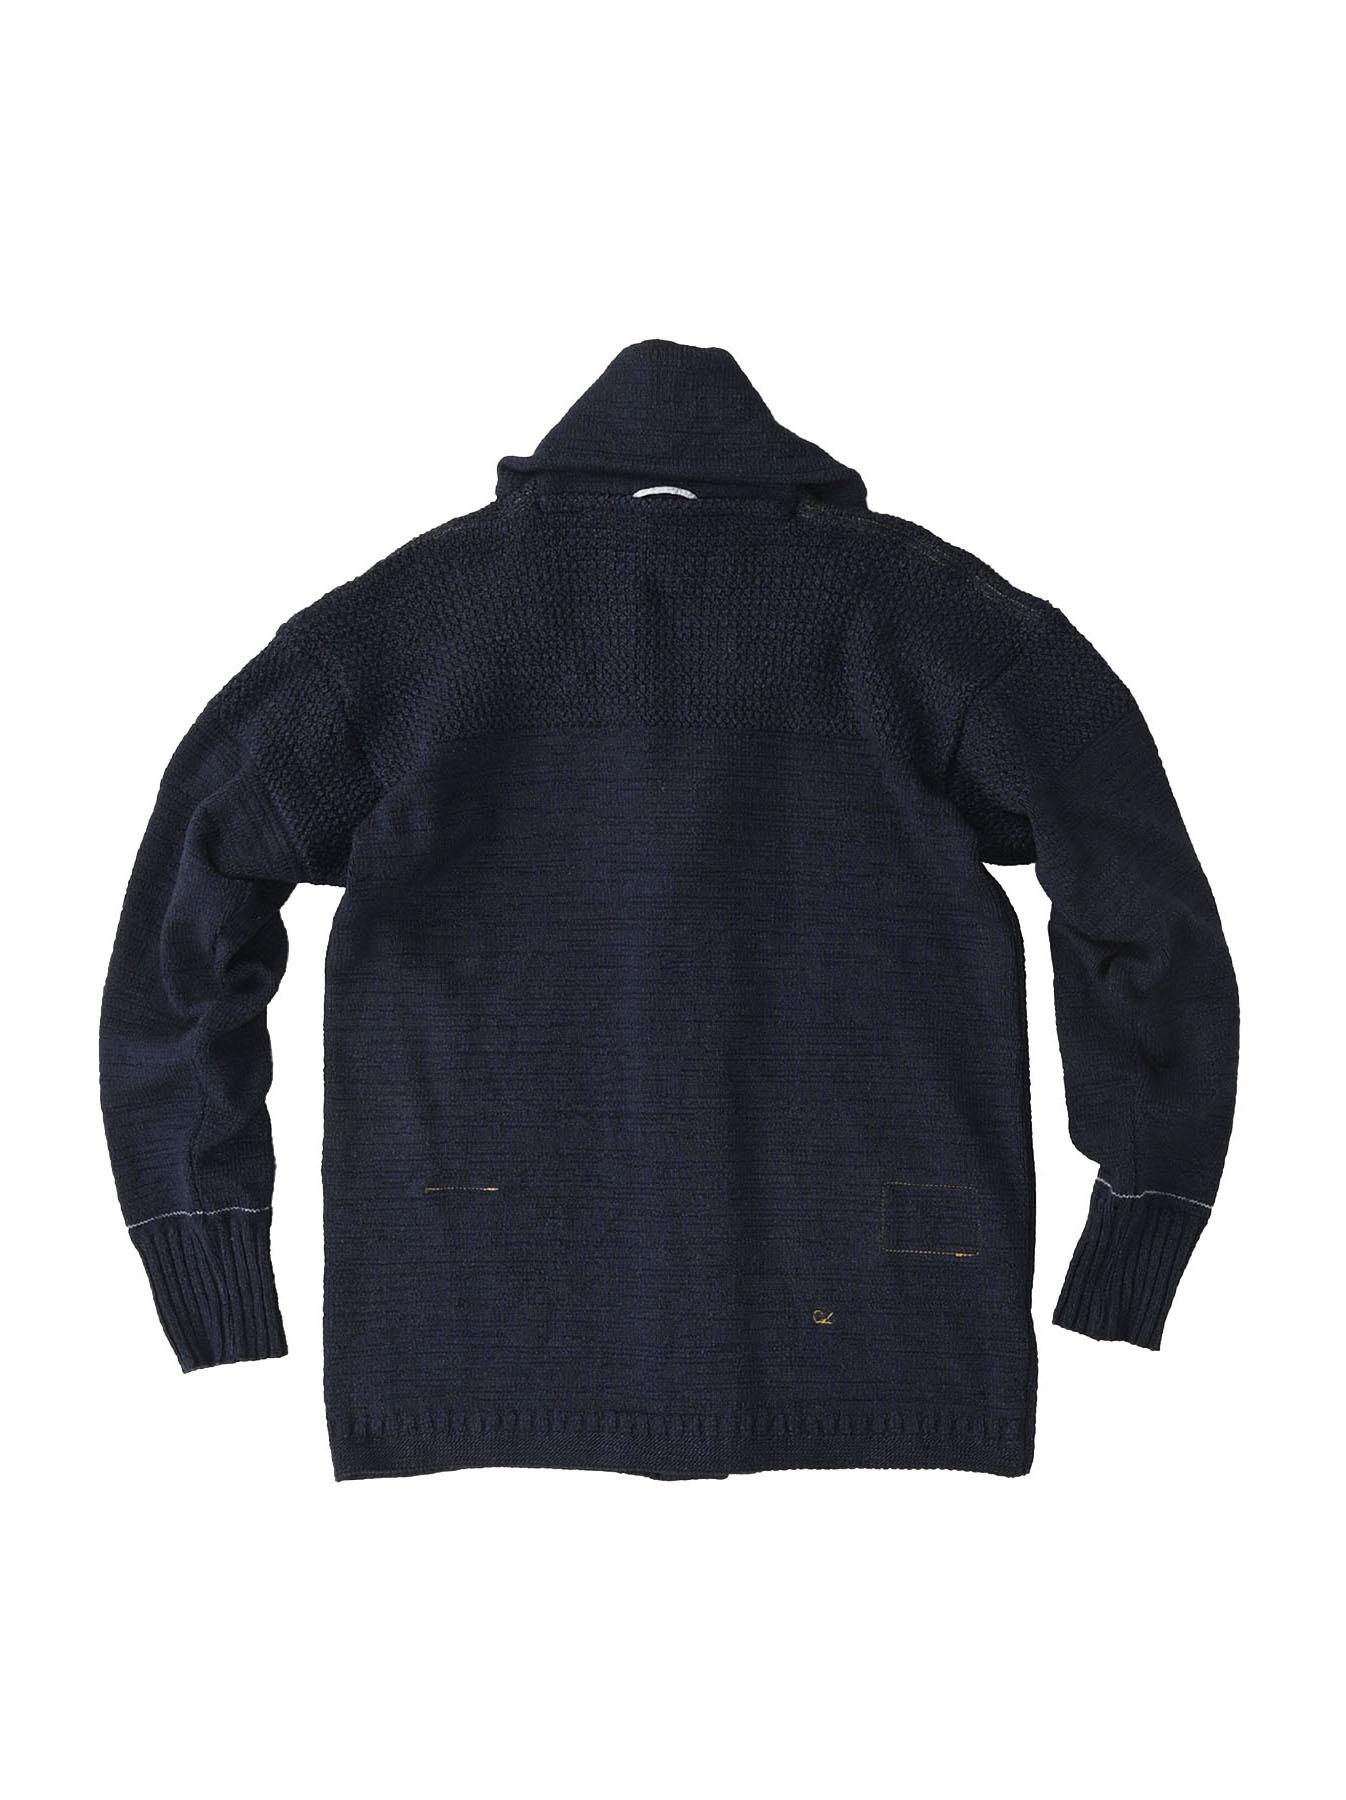 Indigo Stretch Knit Shawl Collar 908 Blouson-2